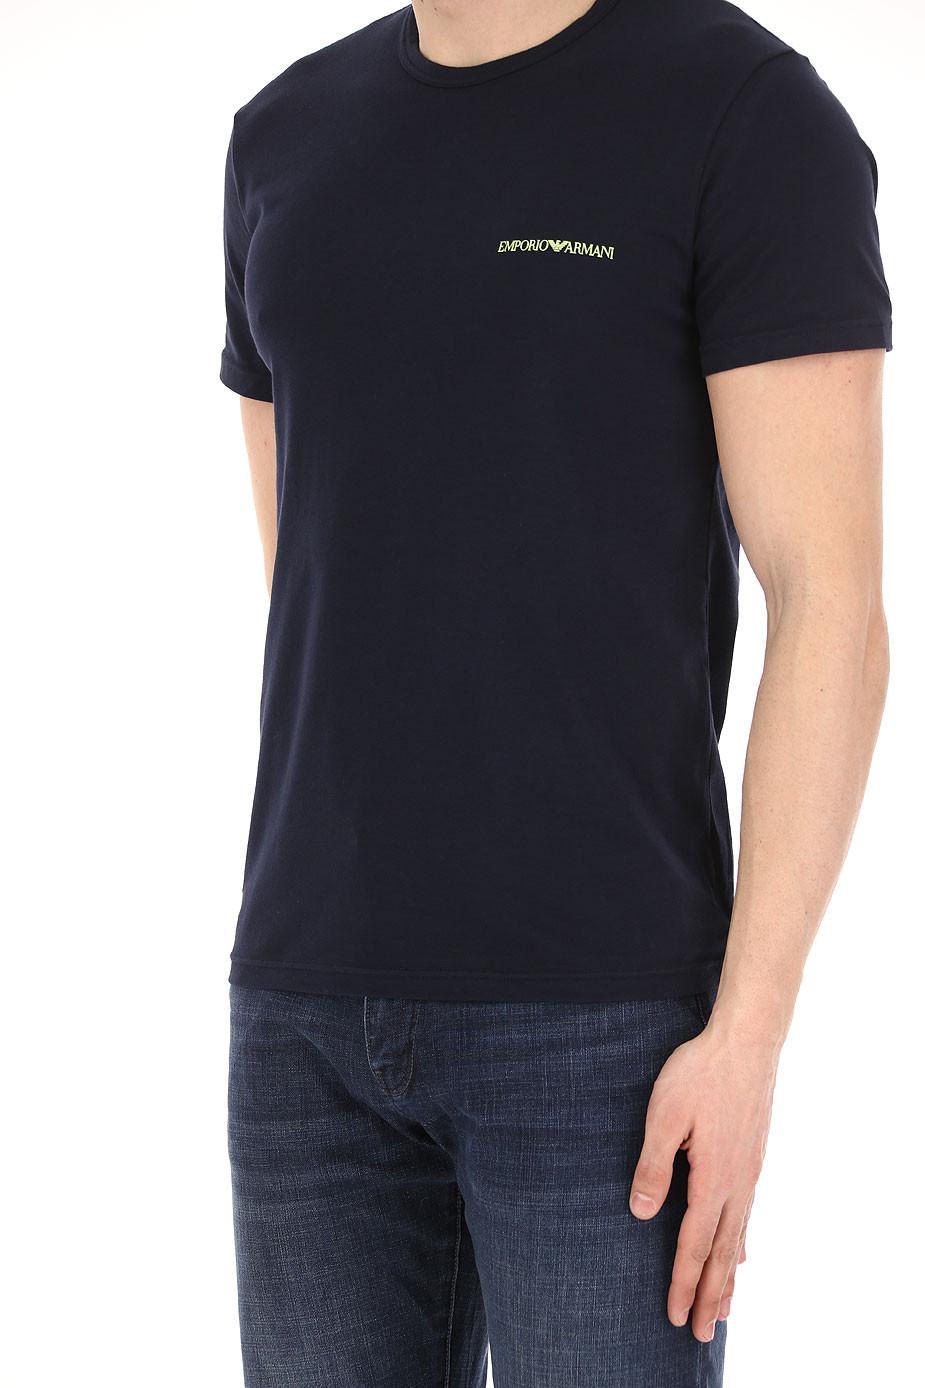 091b7df99b0b EMPORIO ARMANI pánské trička 2 ks modrá marine 111267 8P717 27435 ...